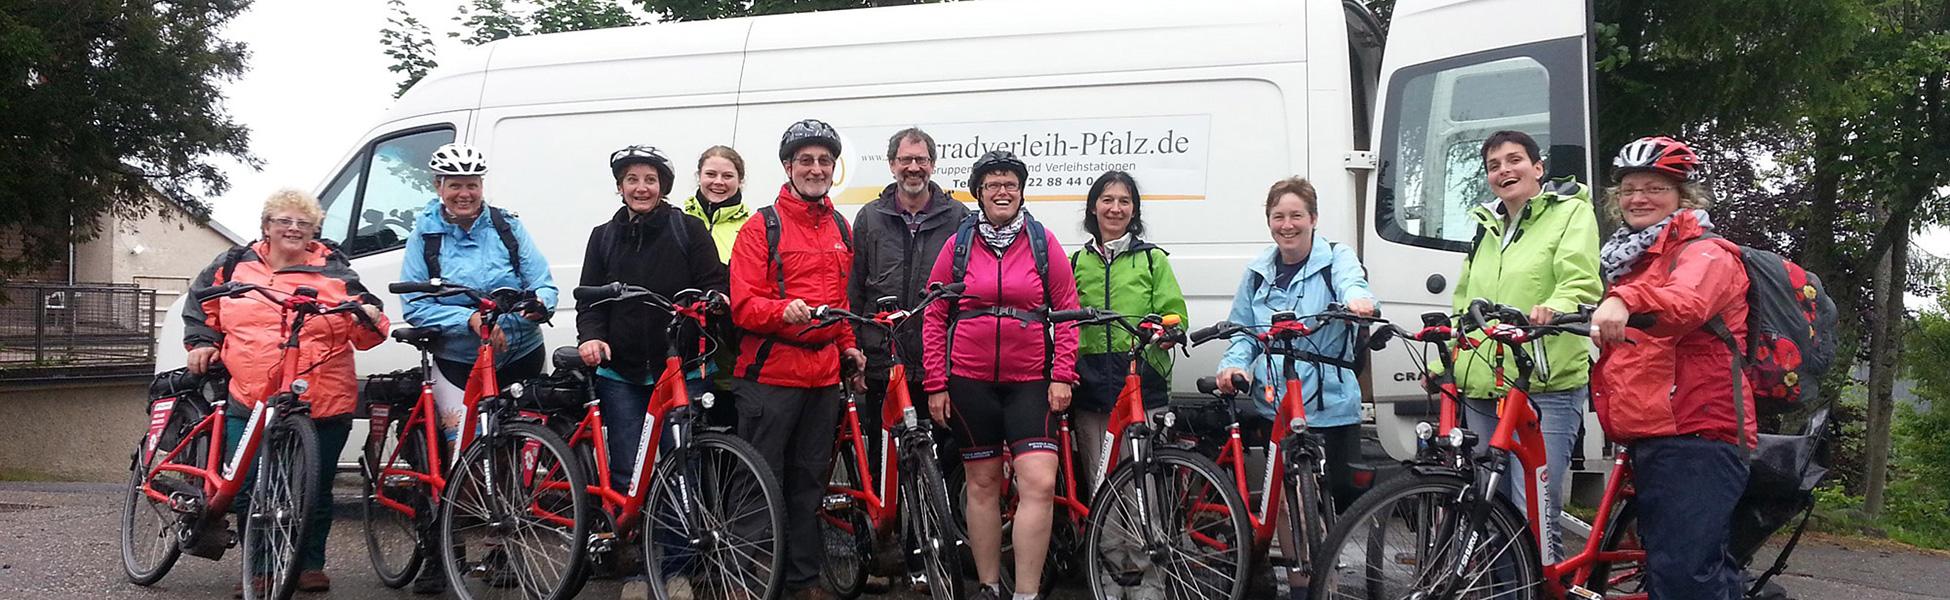 Radtouren auch bei nassem Wetter